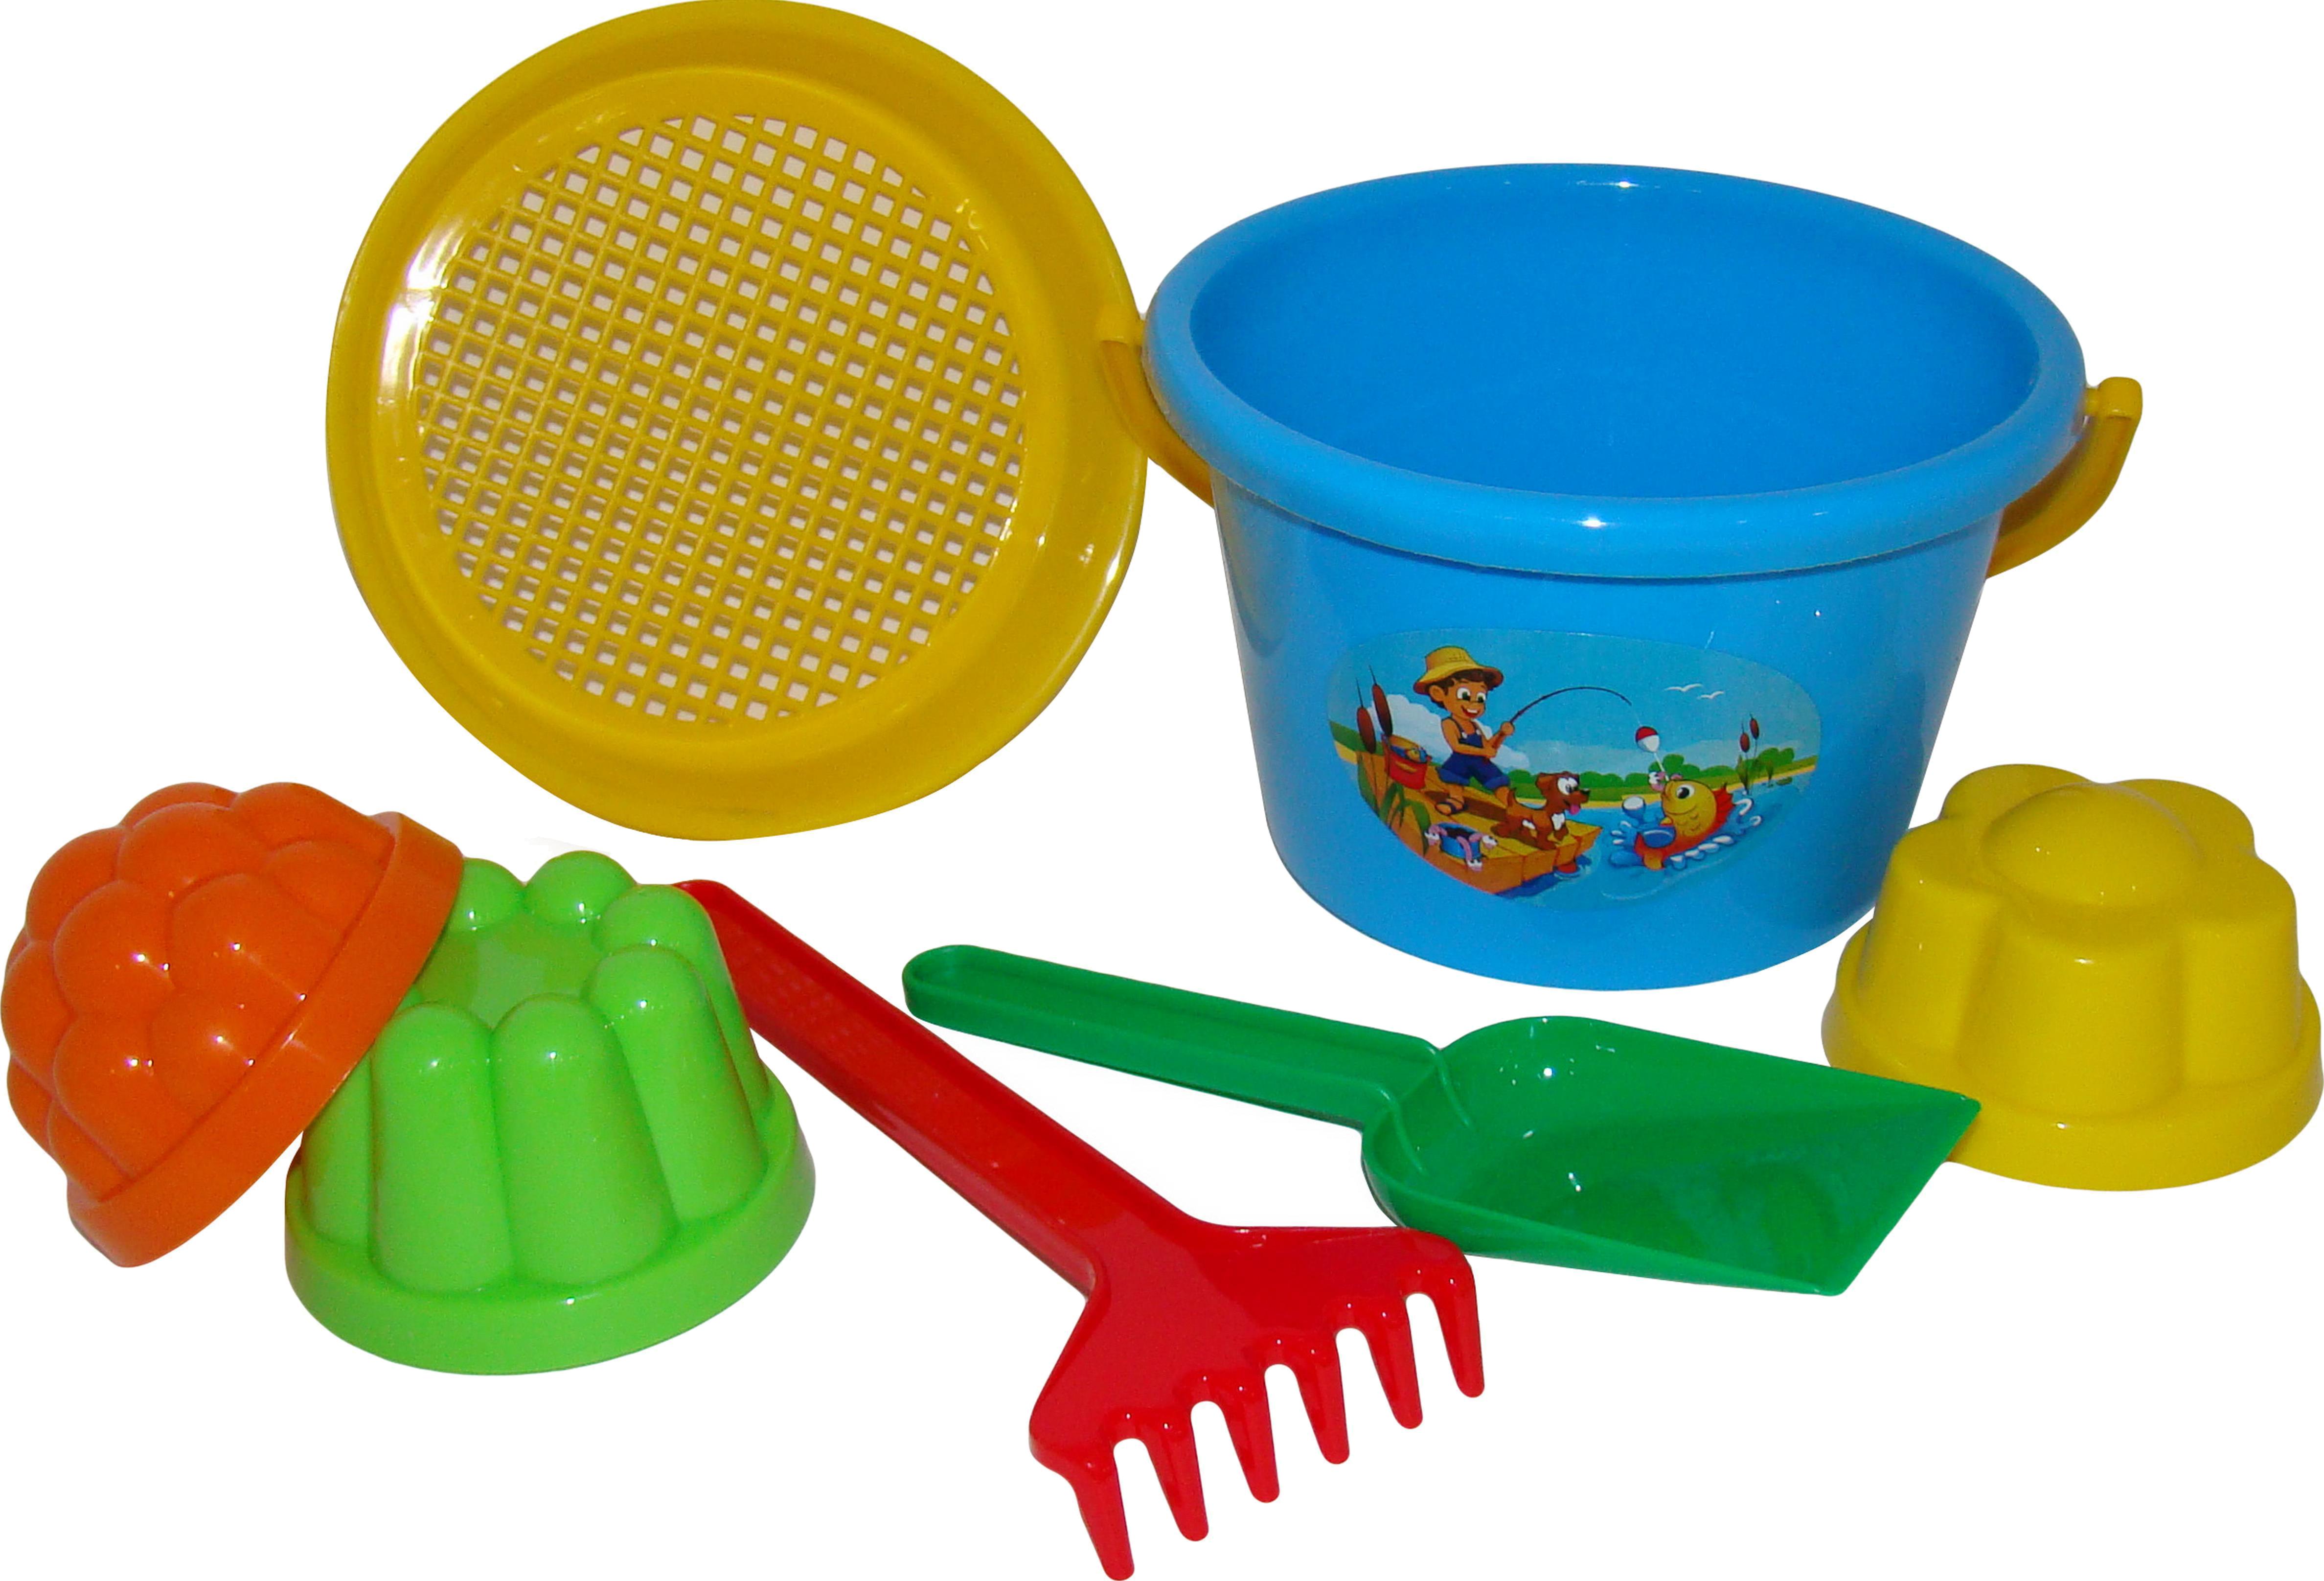 Игрушки для песка POLESIE Полесье №11 набор для игры с песком полесье n262